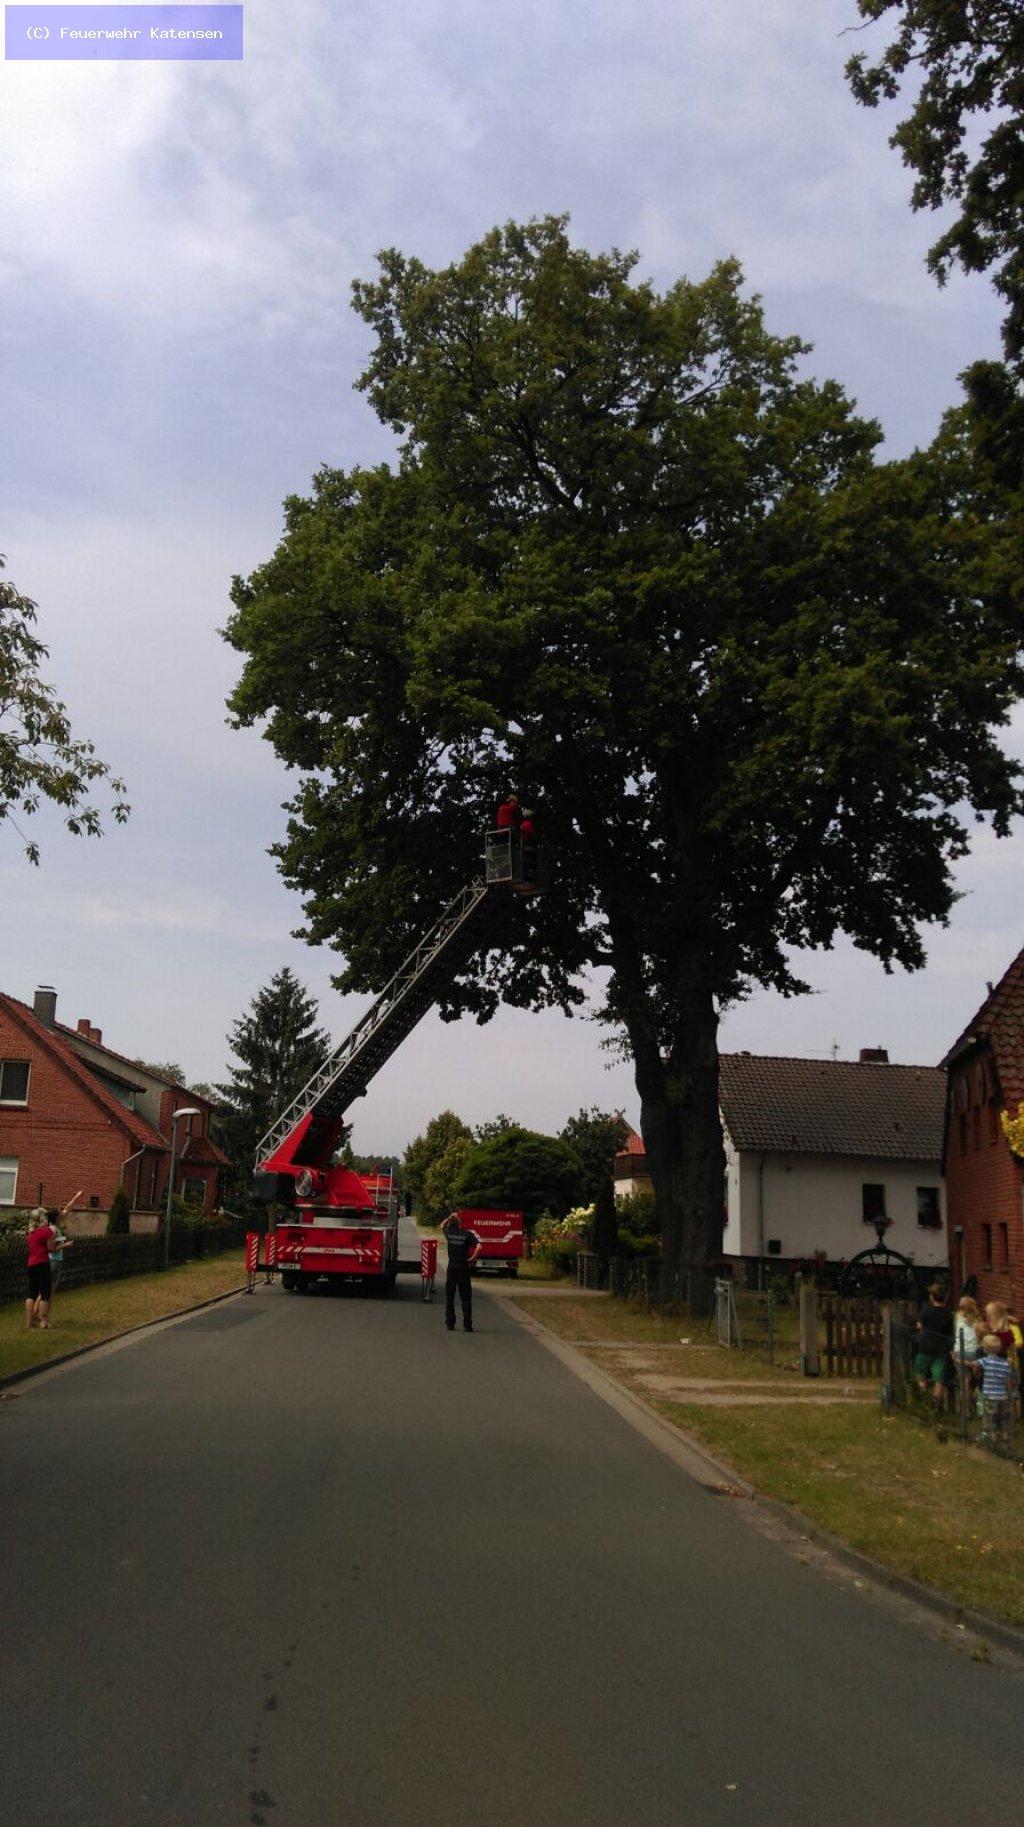 Tierrettung vom 22.07.2016  |  (C) Feuerwehr Katensen (2016)